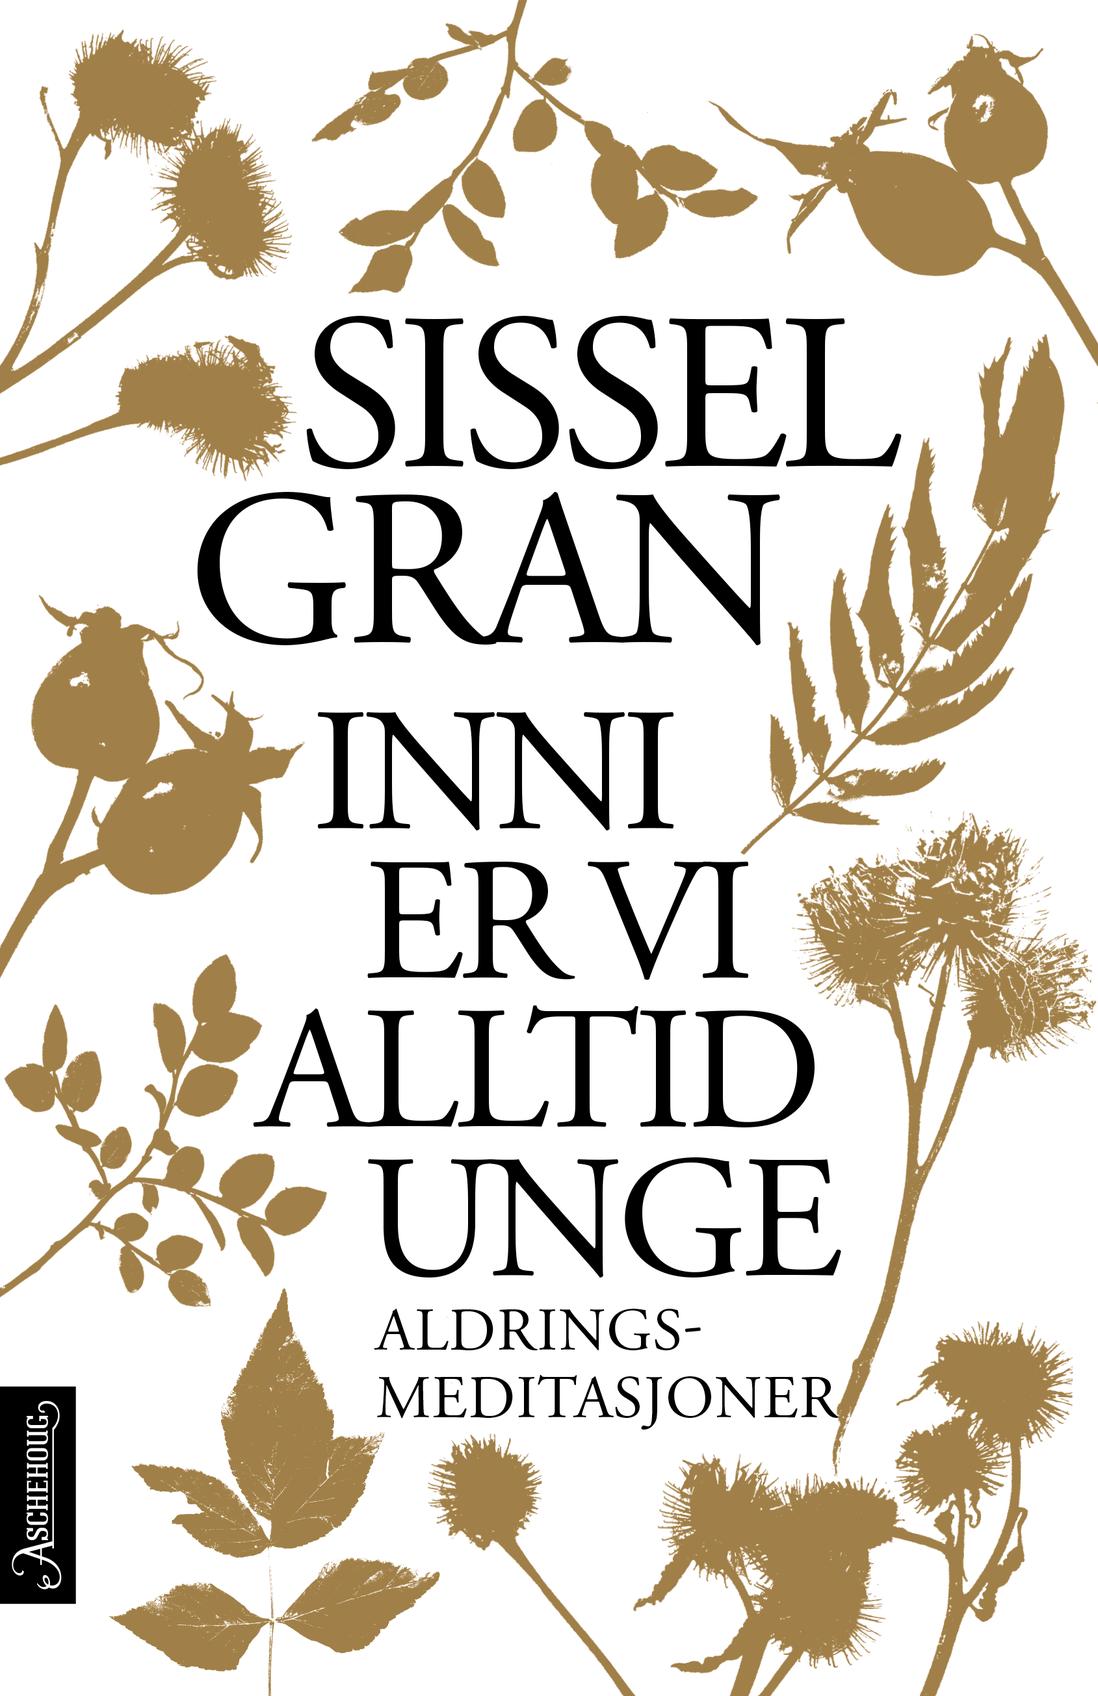 Sissel Gran omslag bok.png